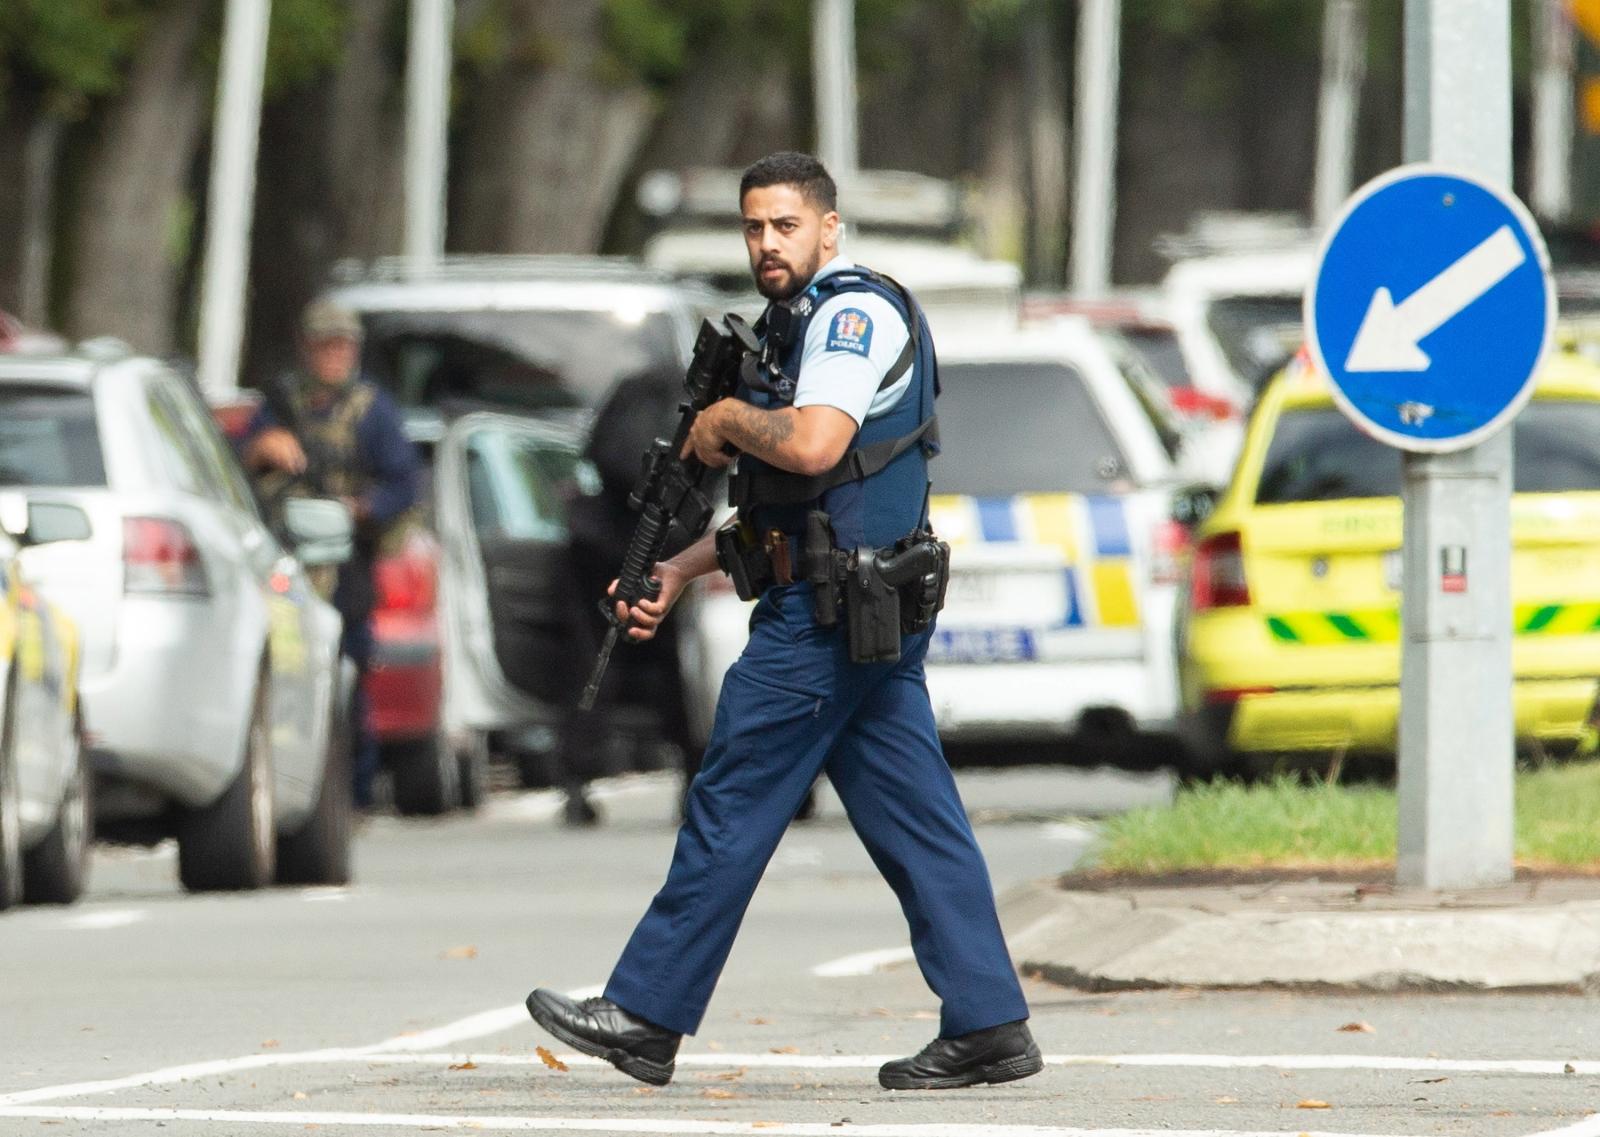 Atak W Nowej Zelandii Hd: Atak W Nowej Zelandii: Sportowcy Z Bangladeszu Byli Na